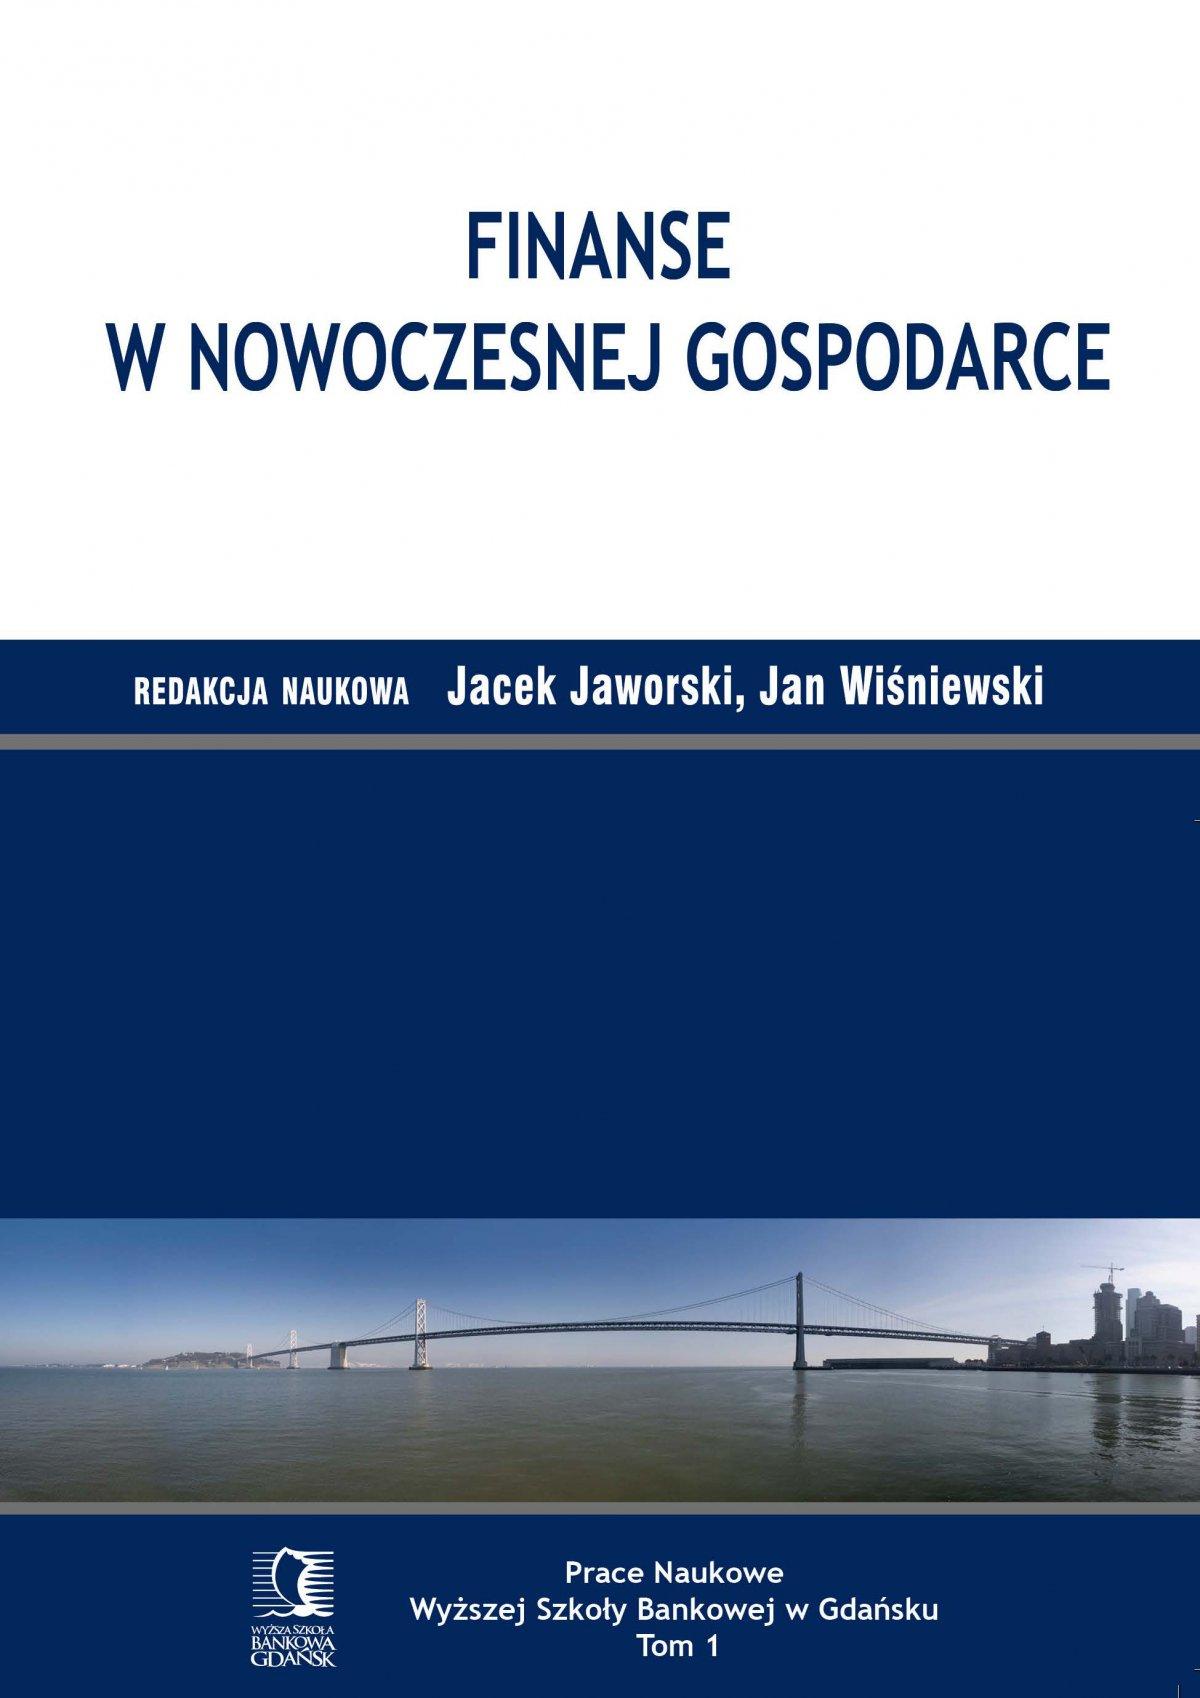 Finanse w nowoczesnej gospodarce - Ebook (Książka PDF) do pobrania w formacie PDF